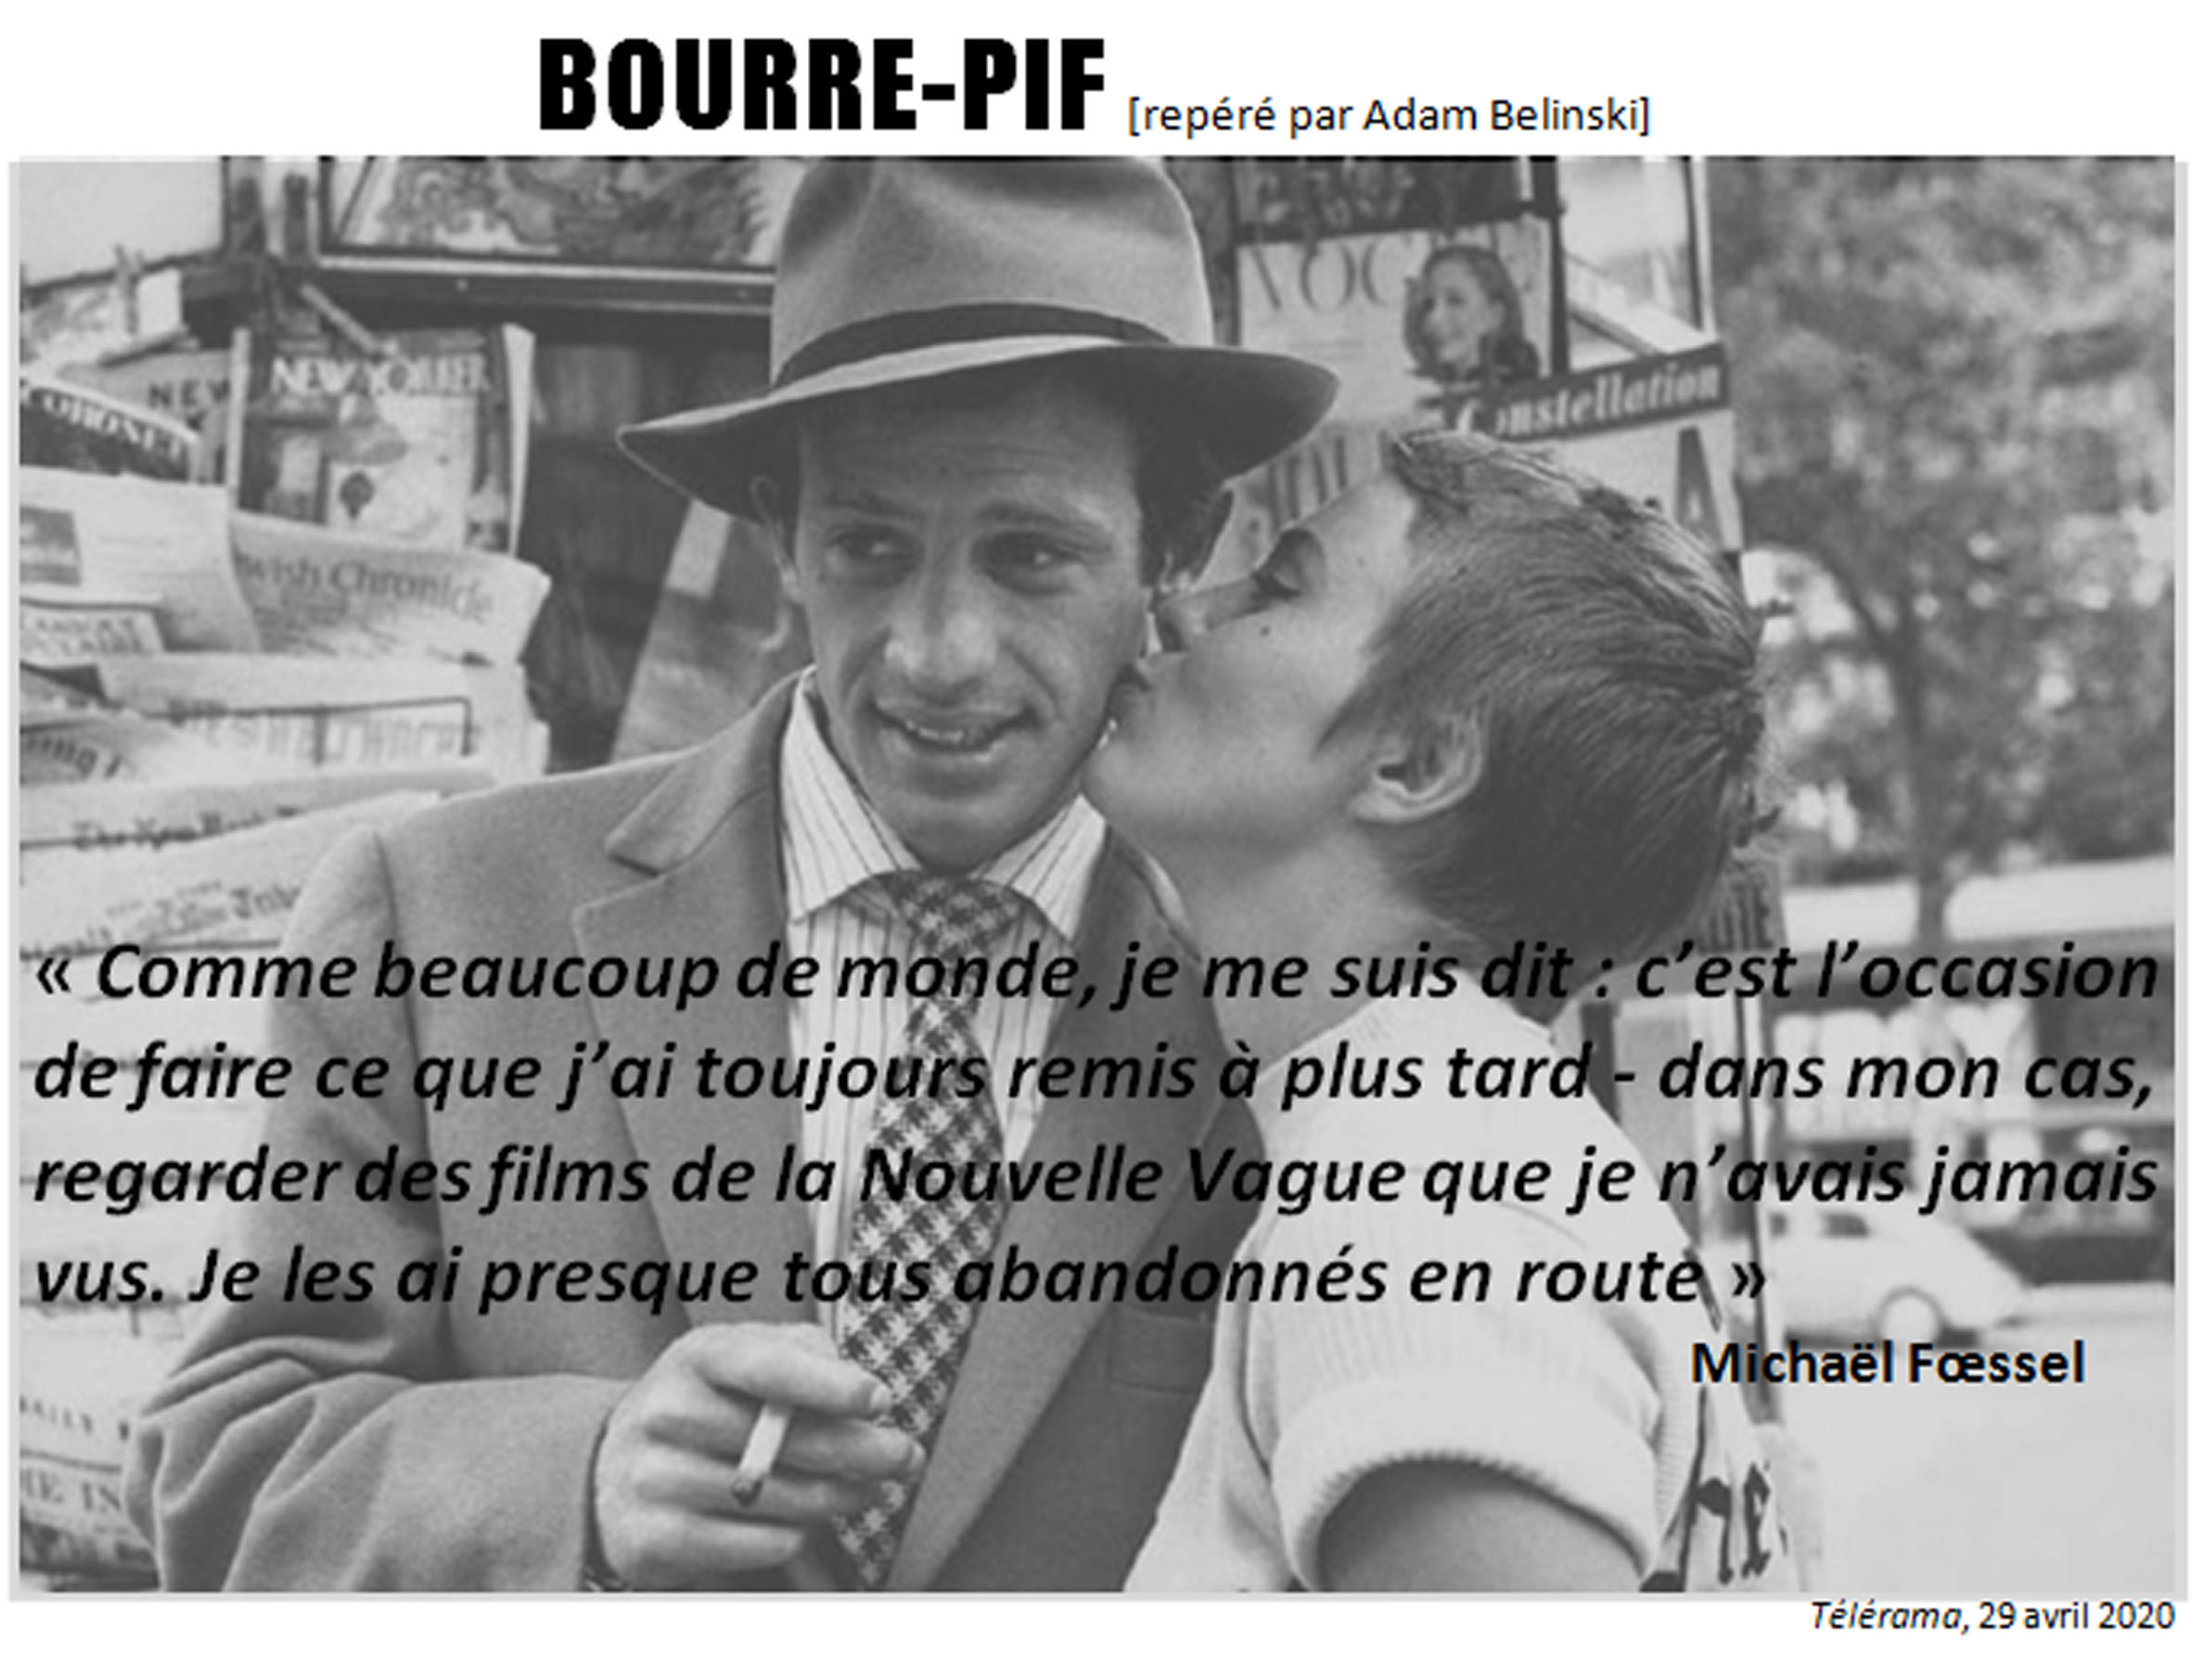 bourNouvelleVague